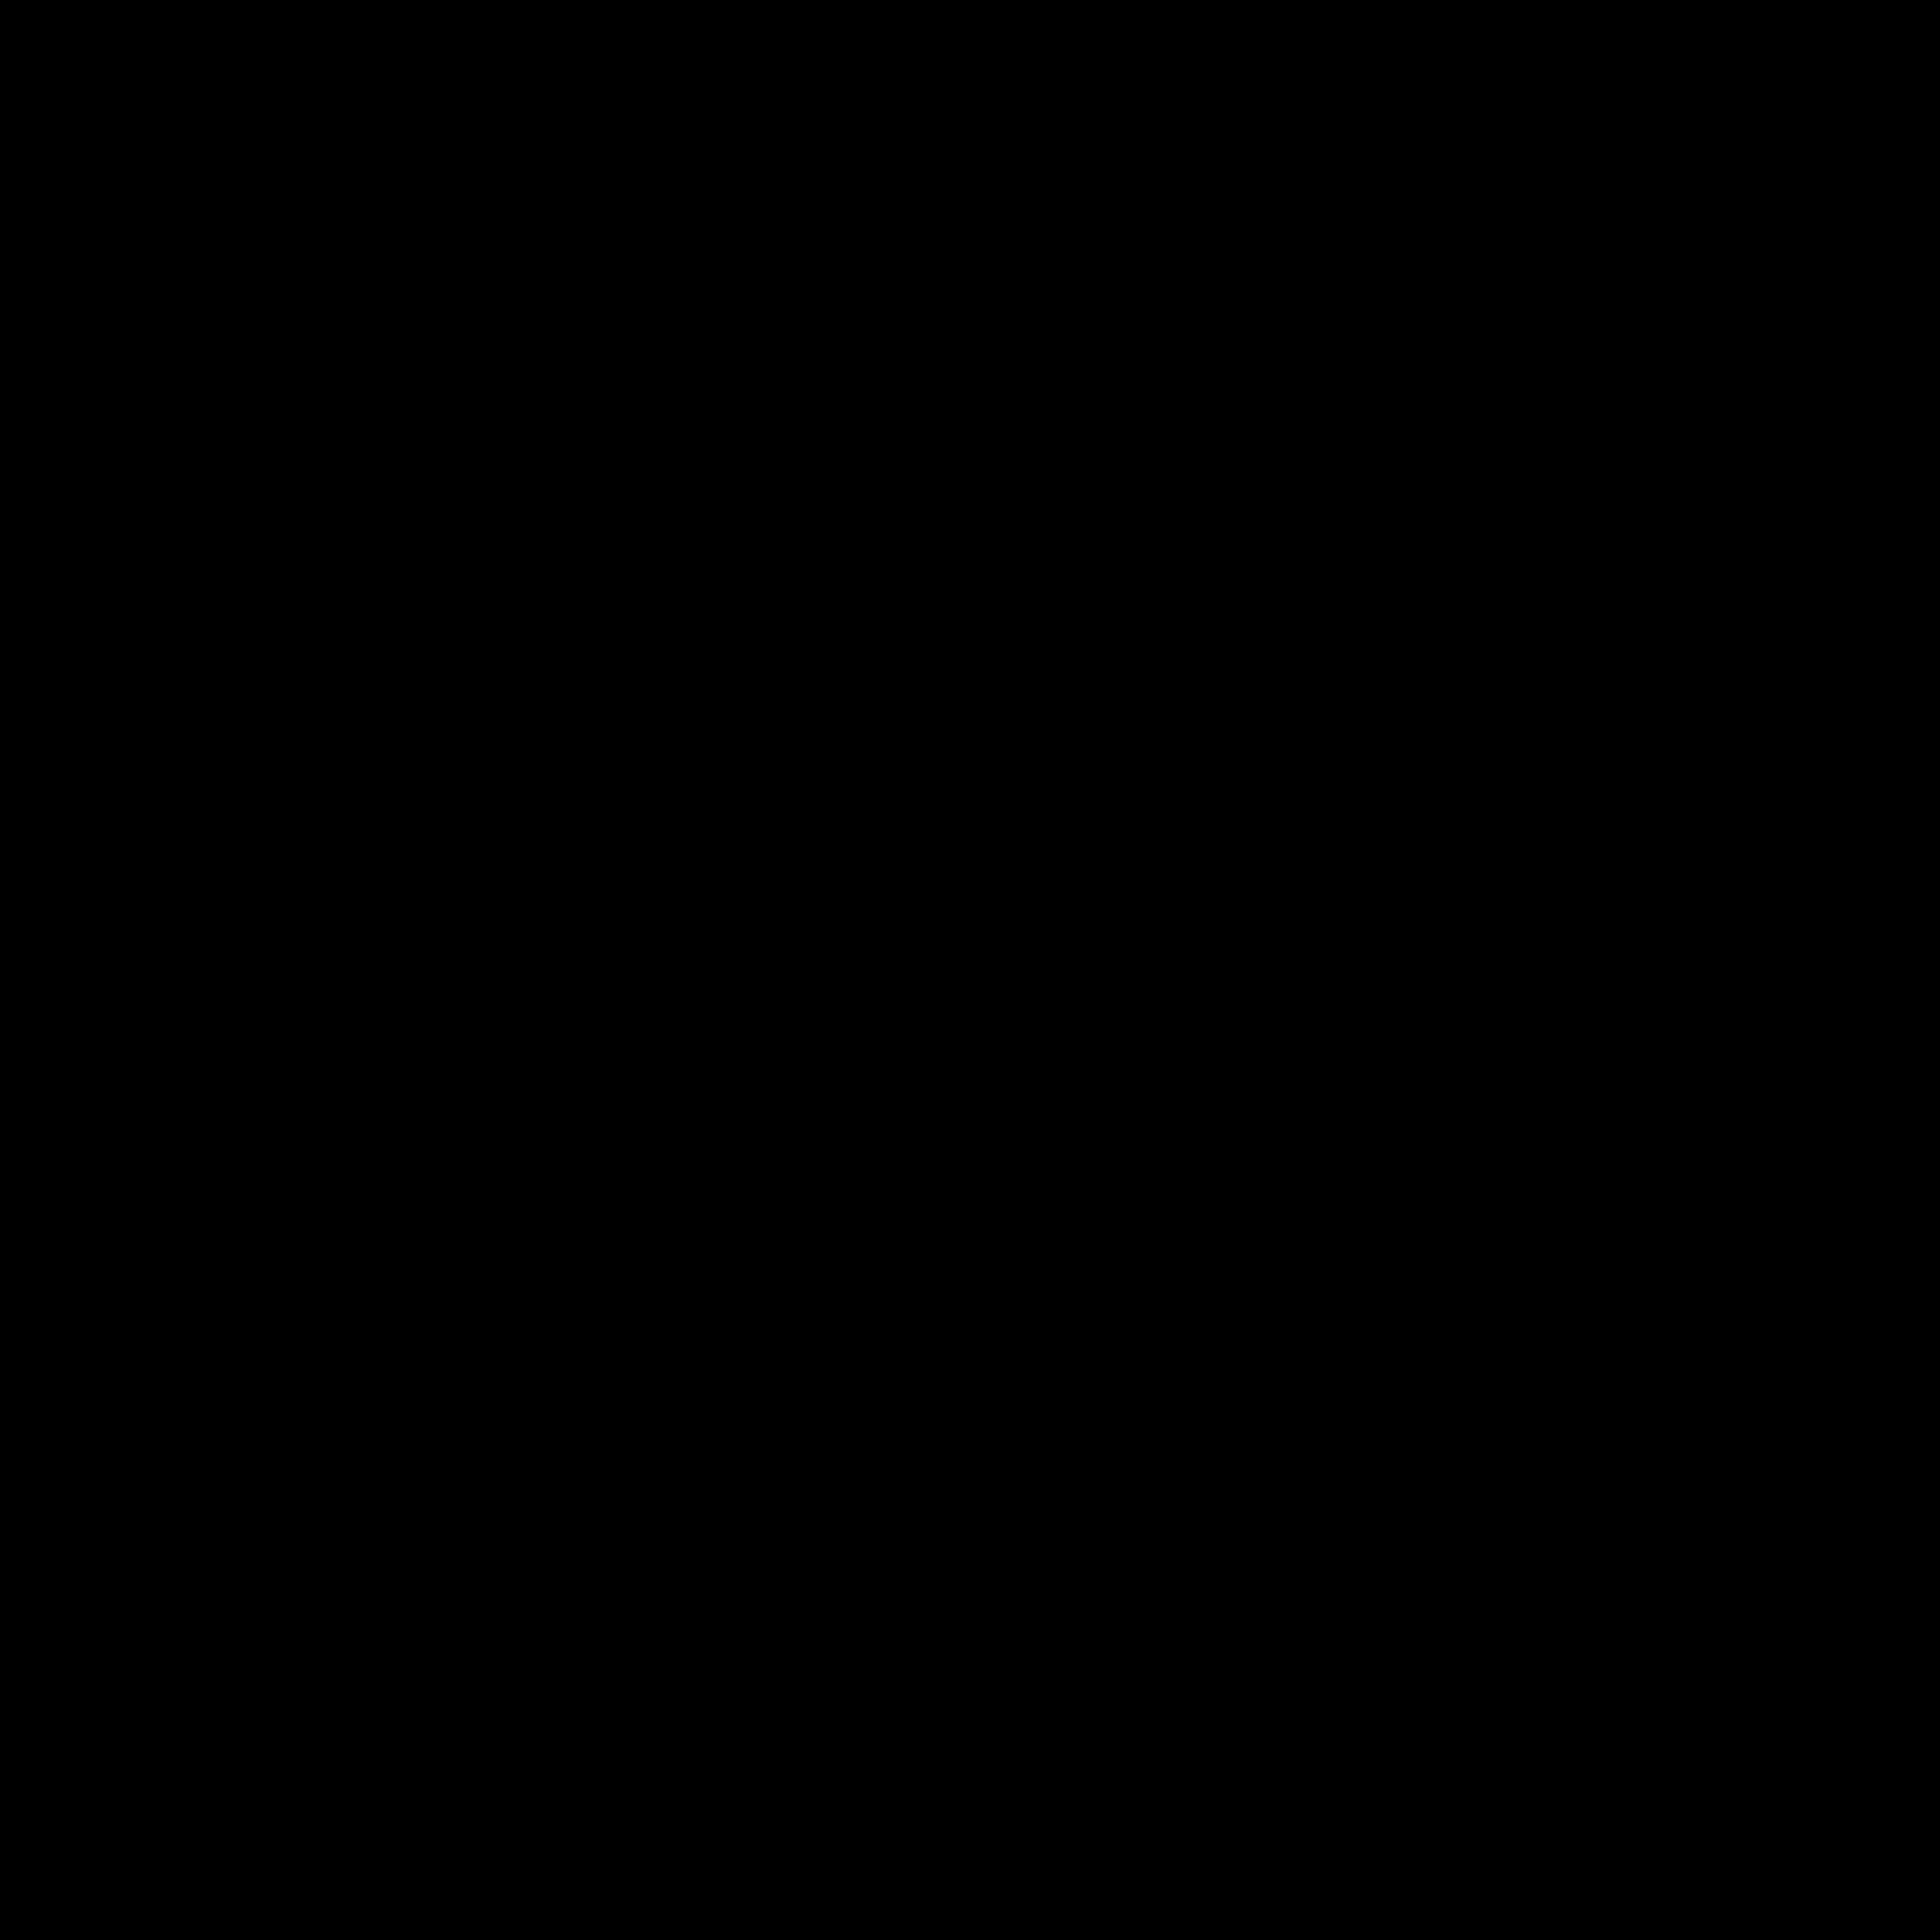 aboutme, black icon